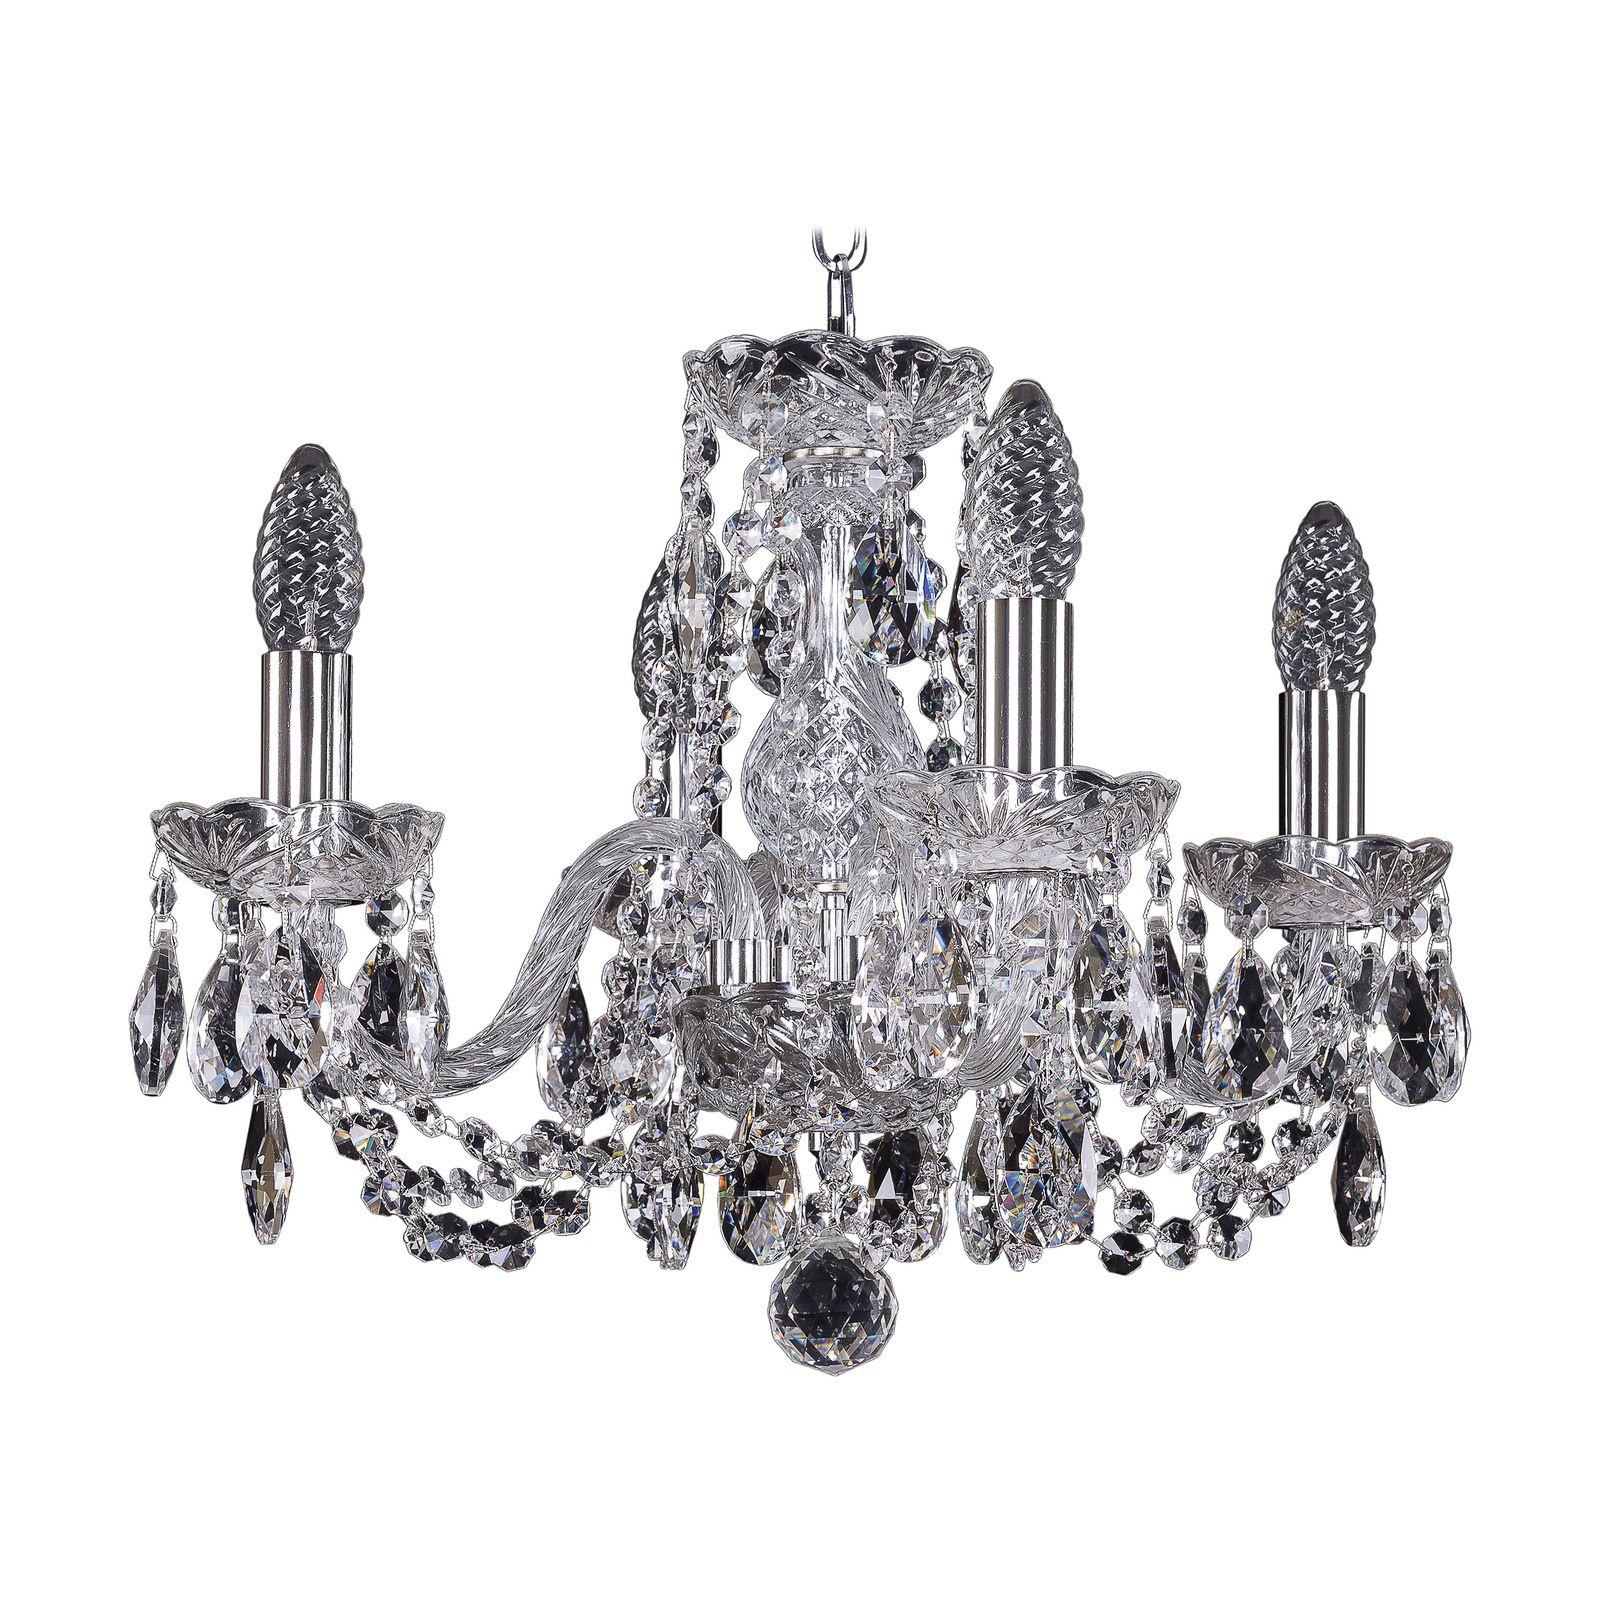 Подвесной светильник Bohemia Ivele Crystal 1402/4/141 Ni, E14, 40 Вт bohemia ivele crystal 1932 75z g